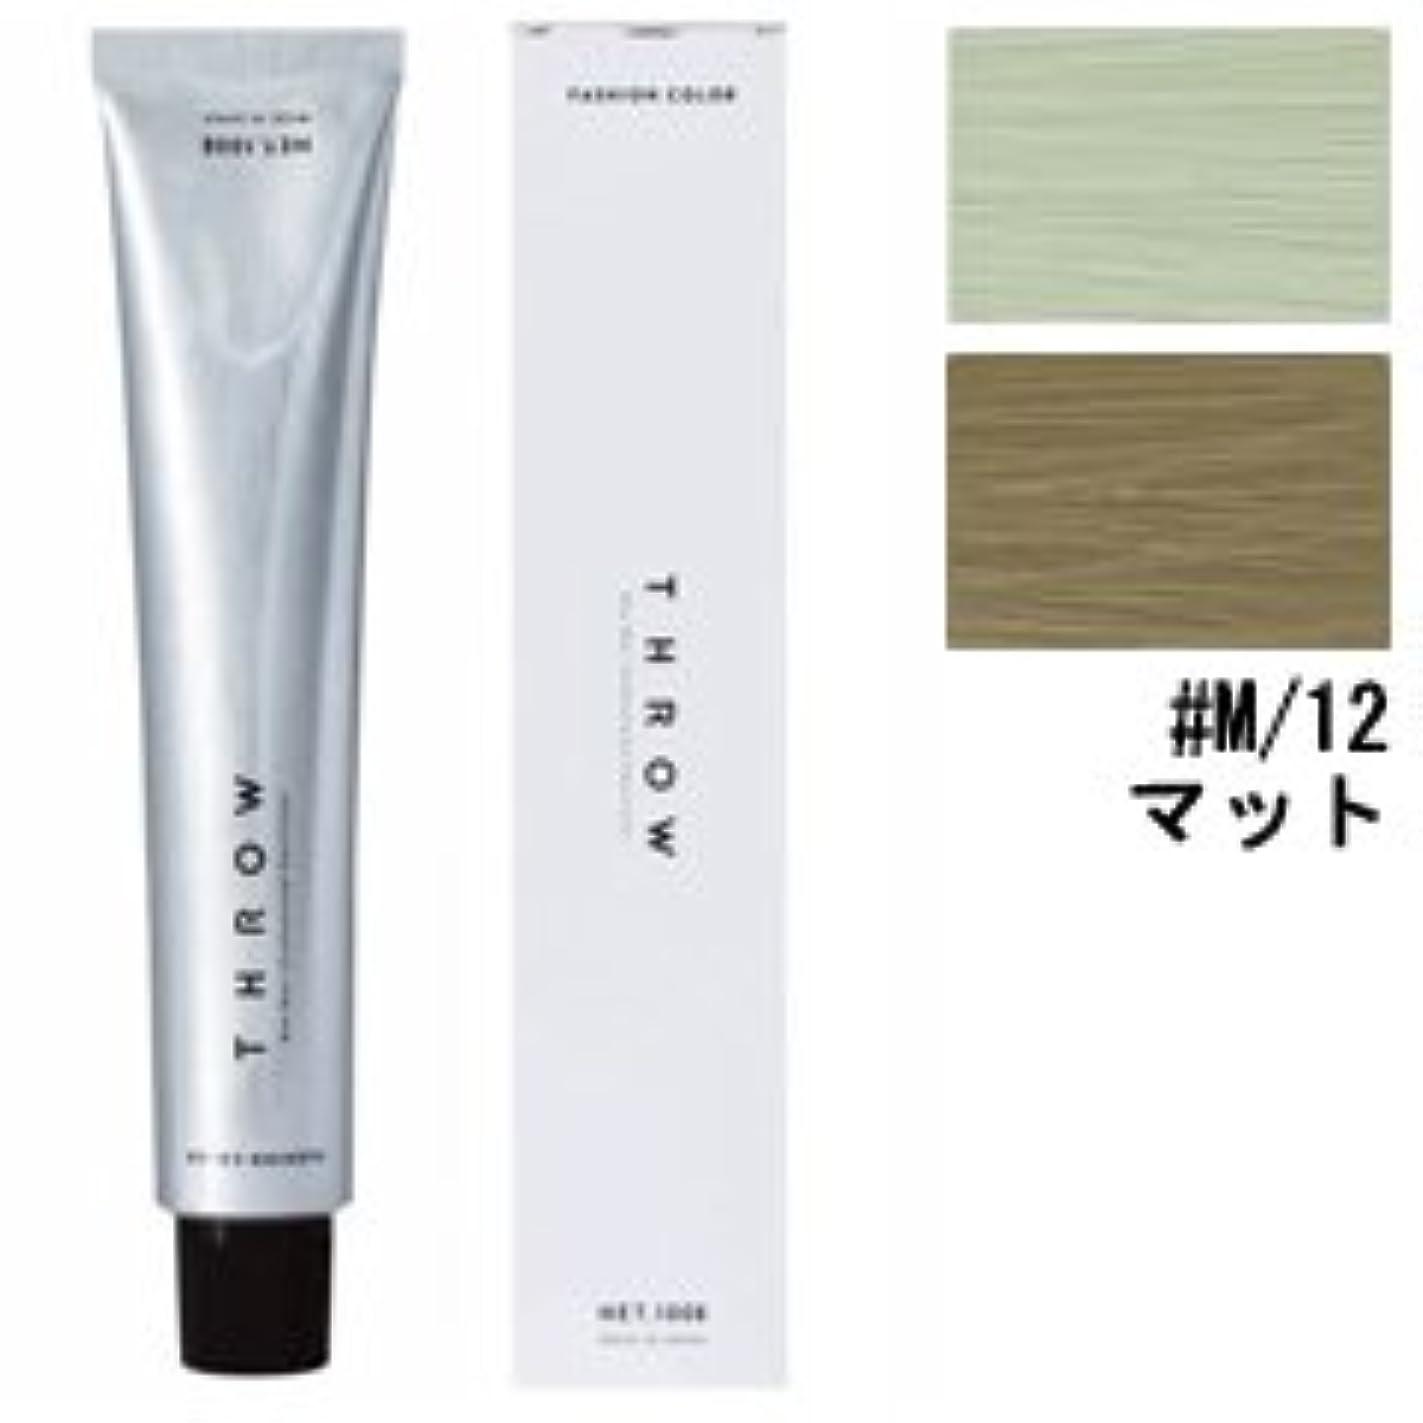 敏感な香水アパート【モルトベーネ】スロウ ファッションカラー #M/12 マット 100g